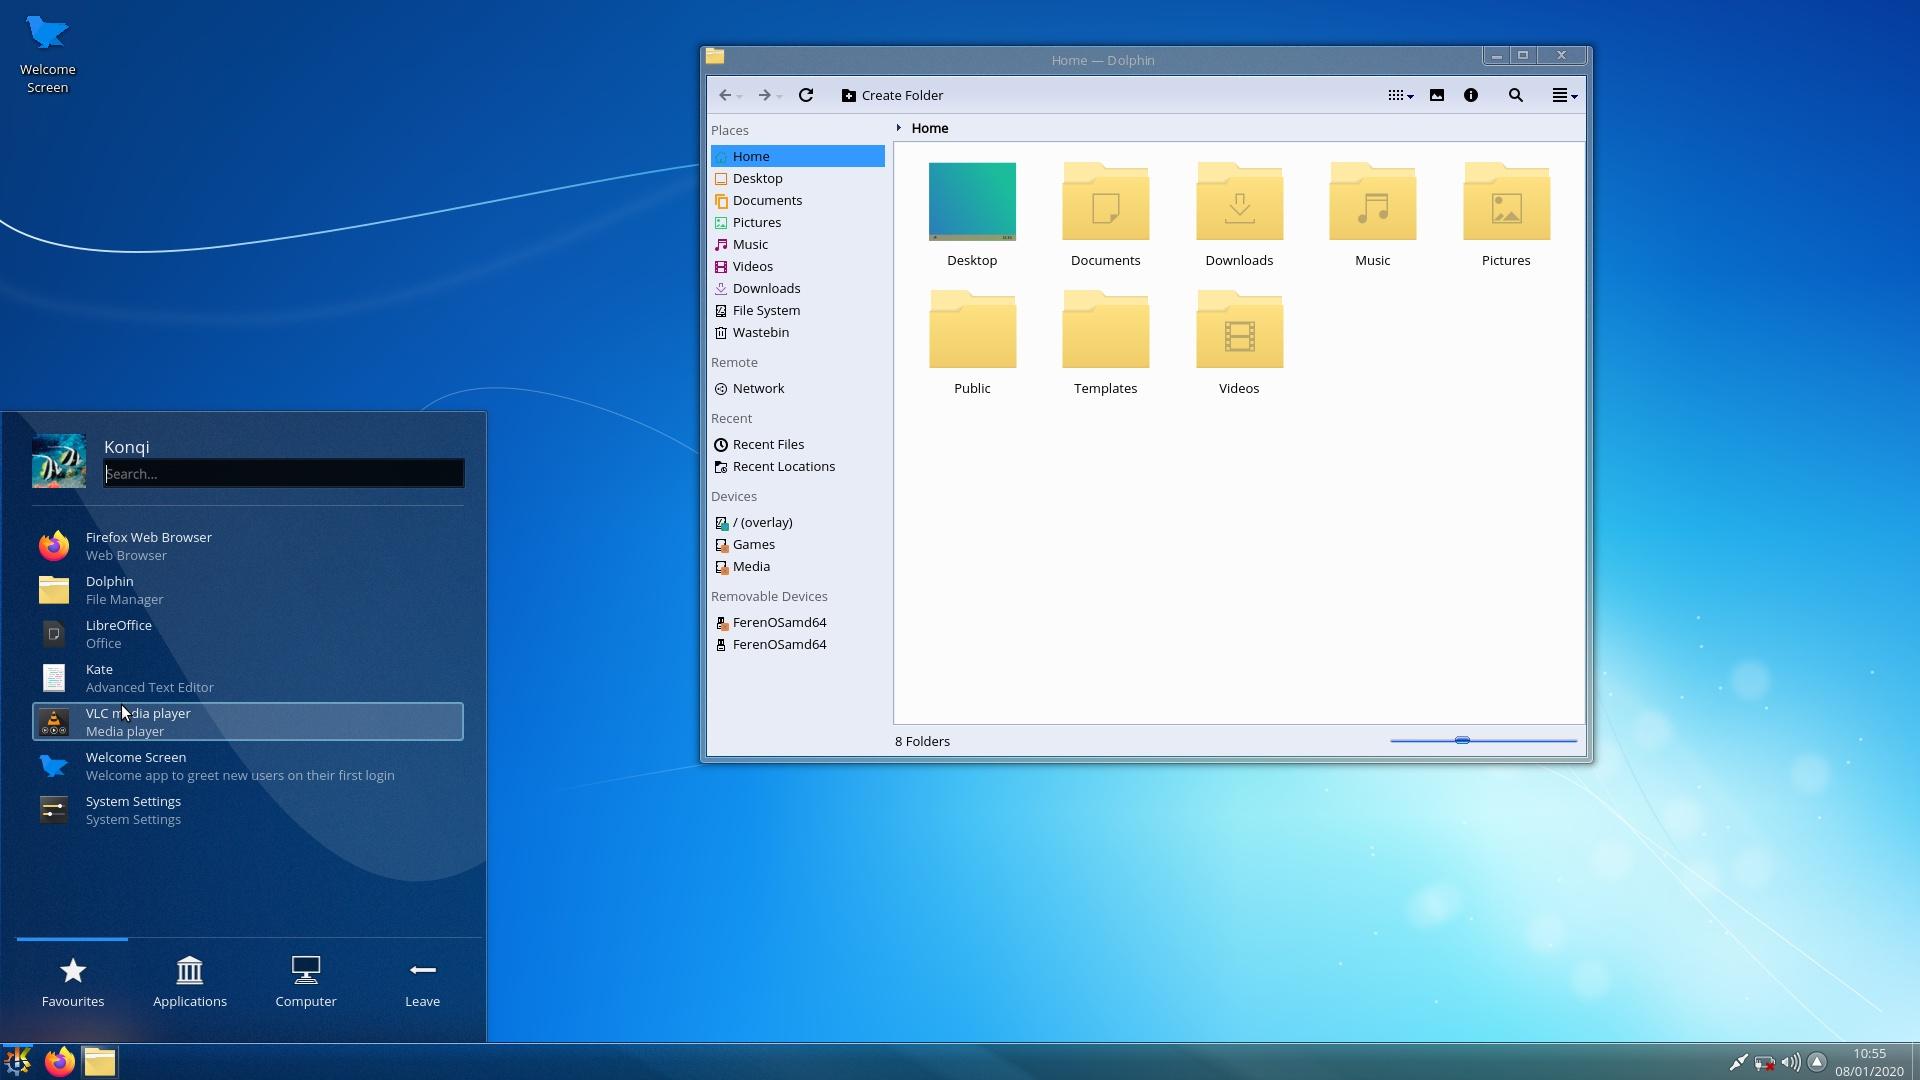 Пользователям Windows7 предложили альтернативную ОС